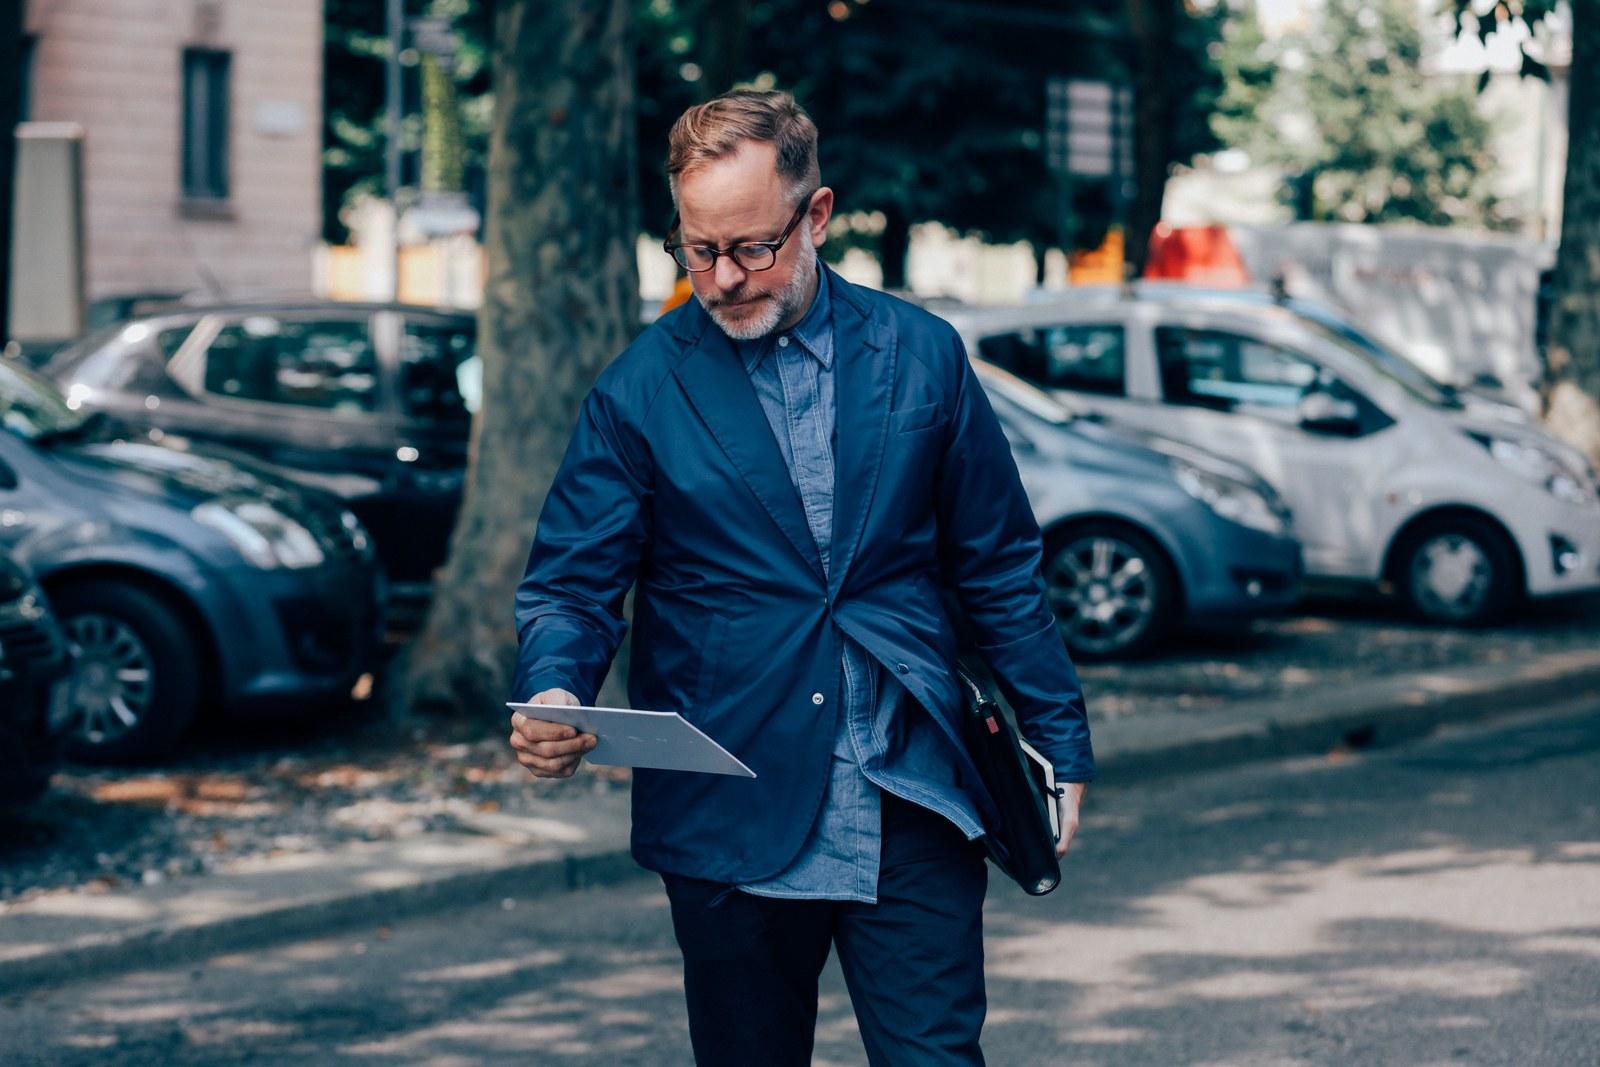 Le Blazer Combo marine pour homme : Le blazer combiné permet la sensation sophistiquée de l'énergie sans vous embourber. Conseil: Portez-le avec votre chemise en jean quotidienne pour un look sexy sans effort.